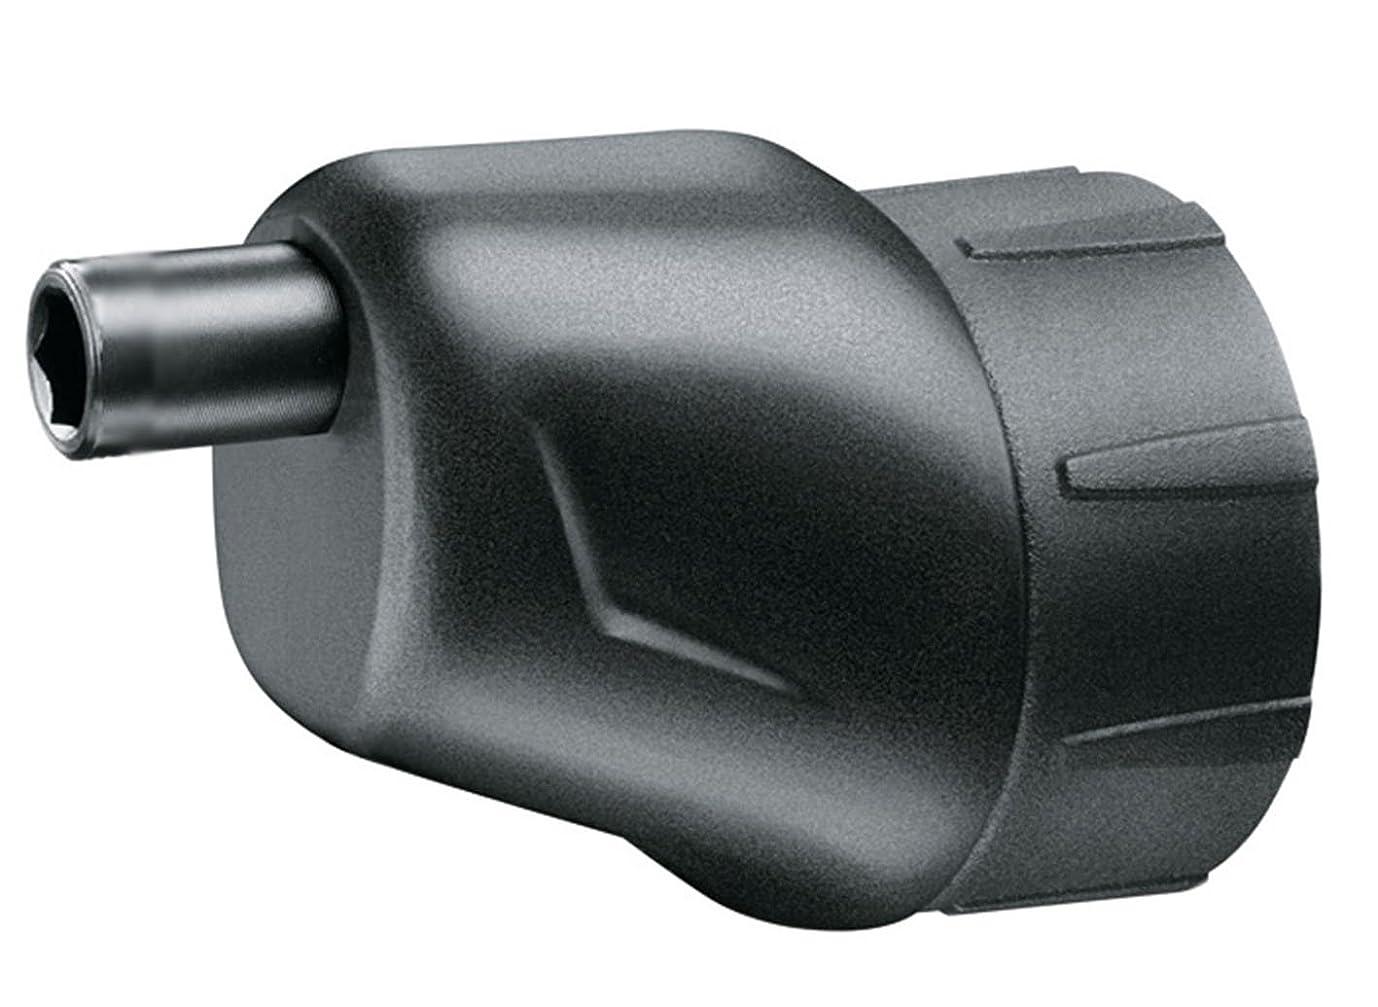 非常に削除する休戦BOSCH(ボッシュ) バッテリードライバーIXO用スミヨセアダプター 2609255723